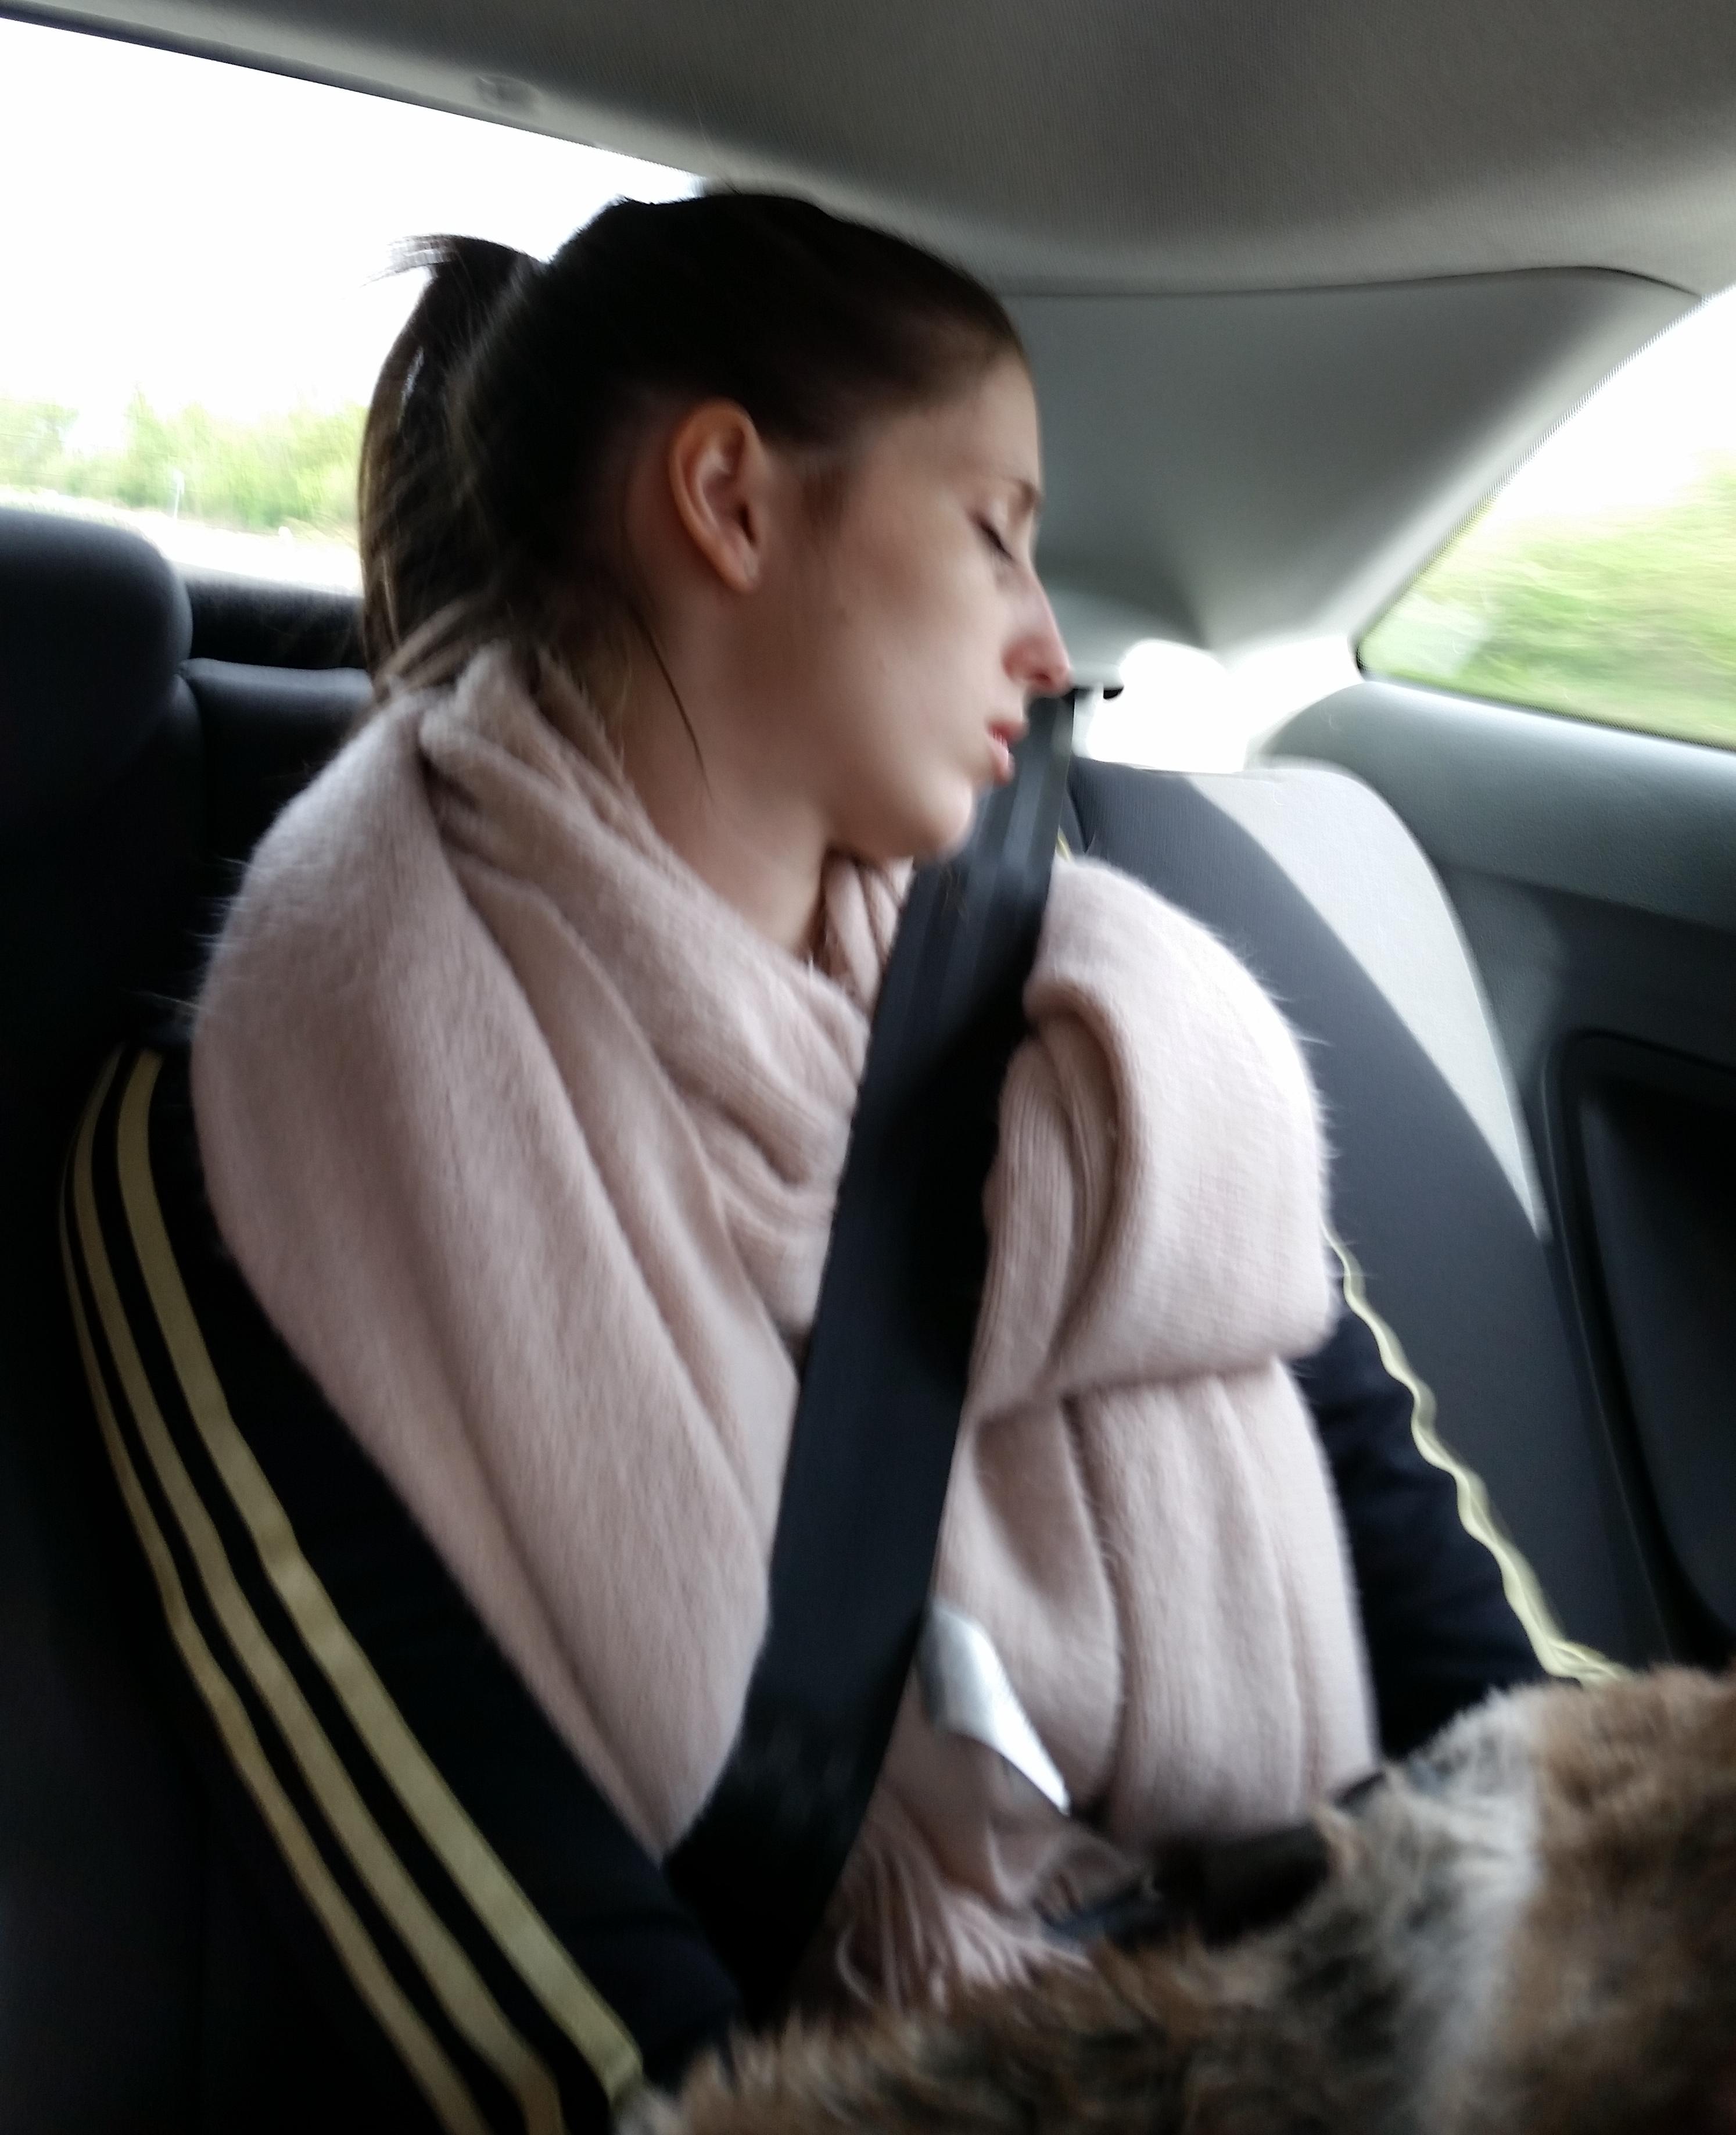 Anne_sleeping